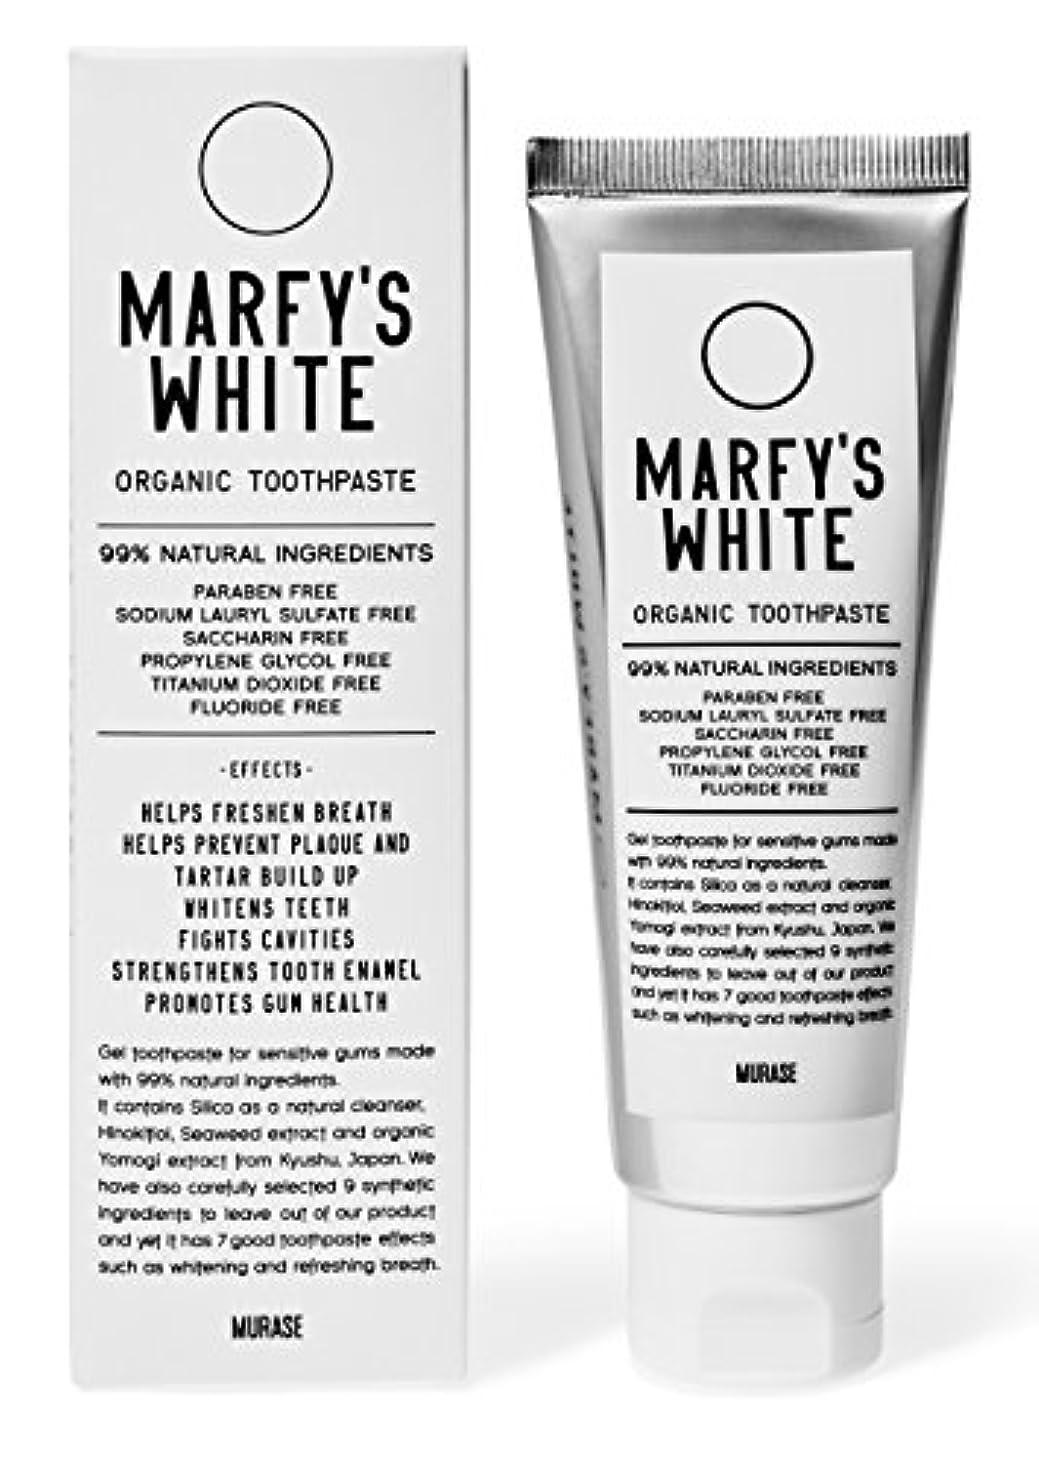 遅れ百科事典定期的なMARFY'S WHITE(マーフィーズ ホワイト)歯磨き粉 オーガニック 90g 日本製